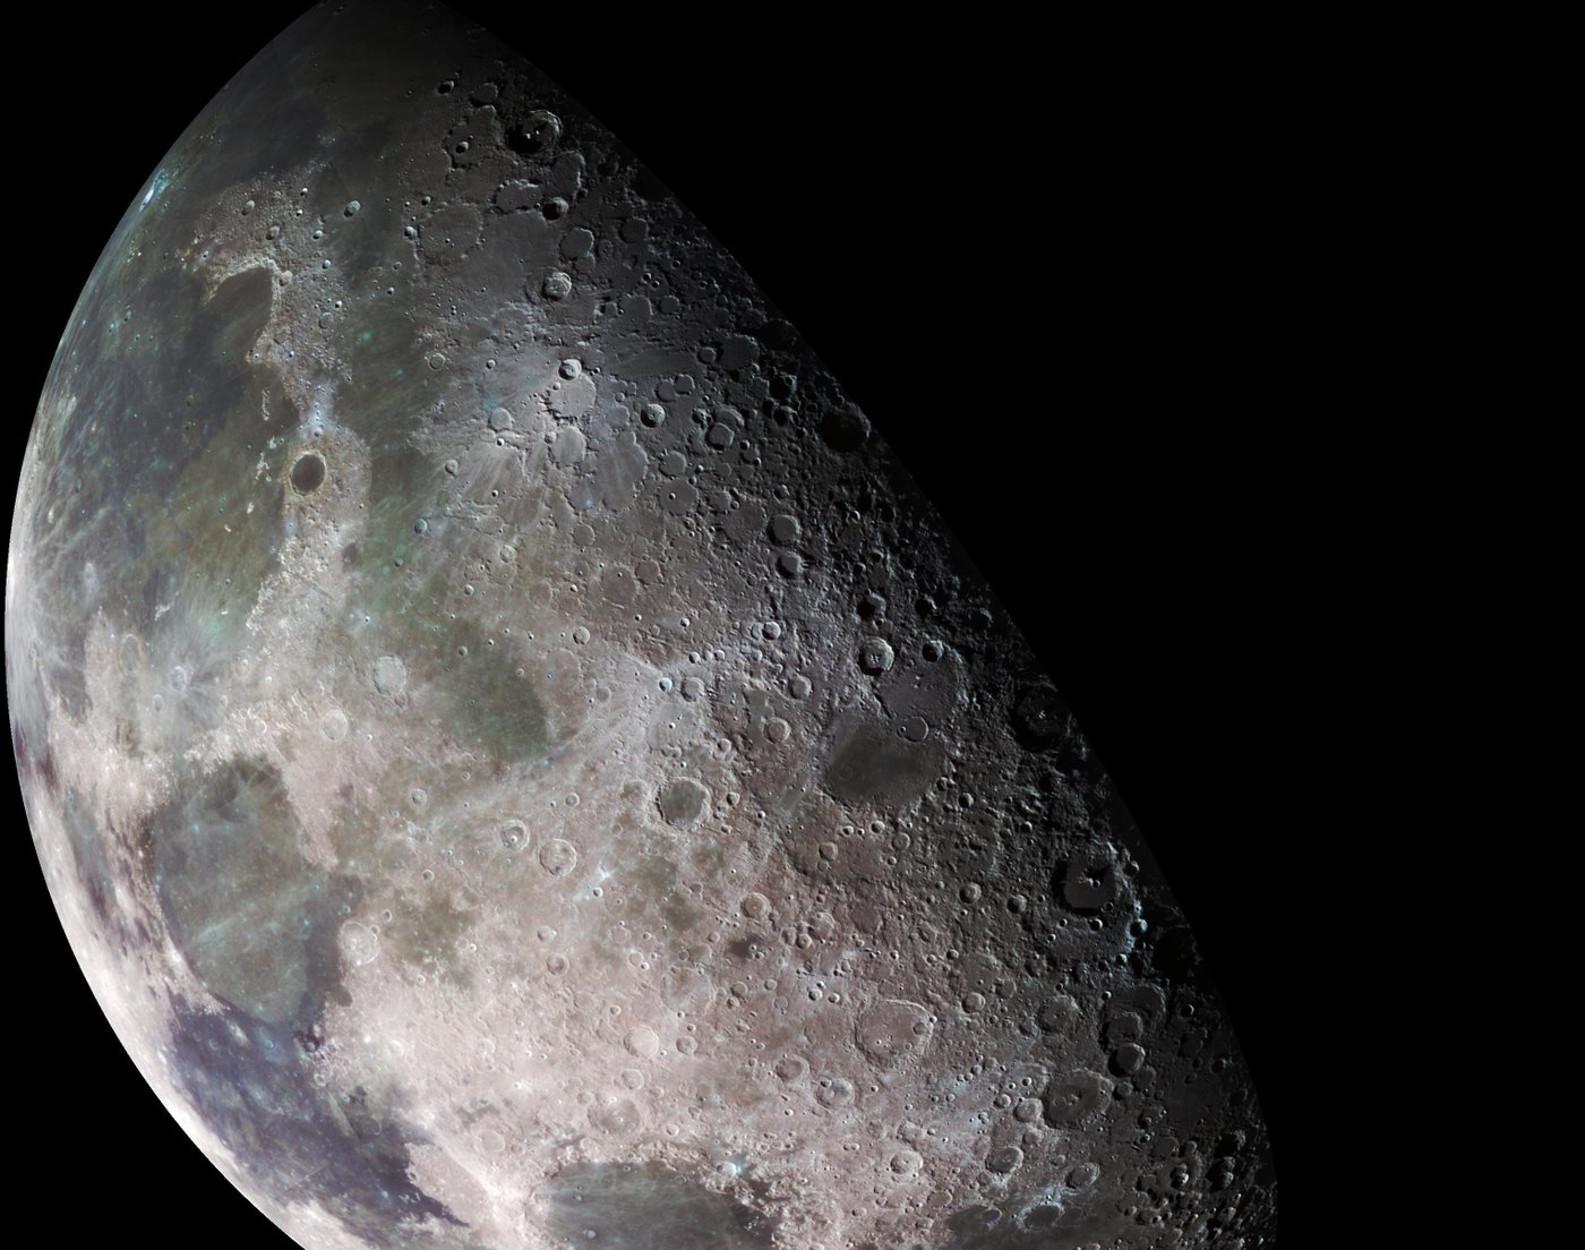 Τα Ηνωμένα Αραβικά Εμιράτα στέλνουν το πρώτο τους ρόβερ στην Σελήνη